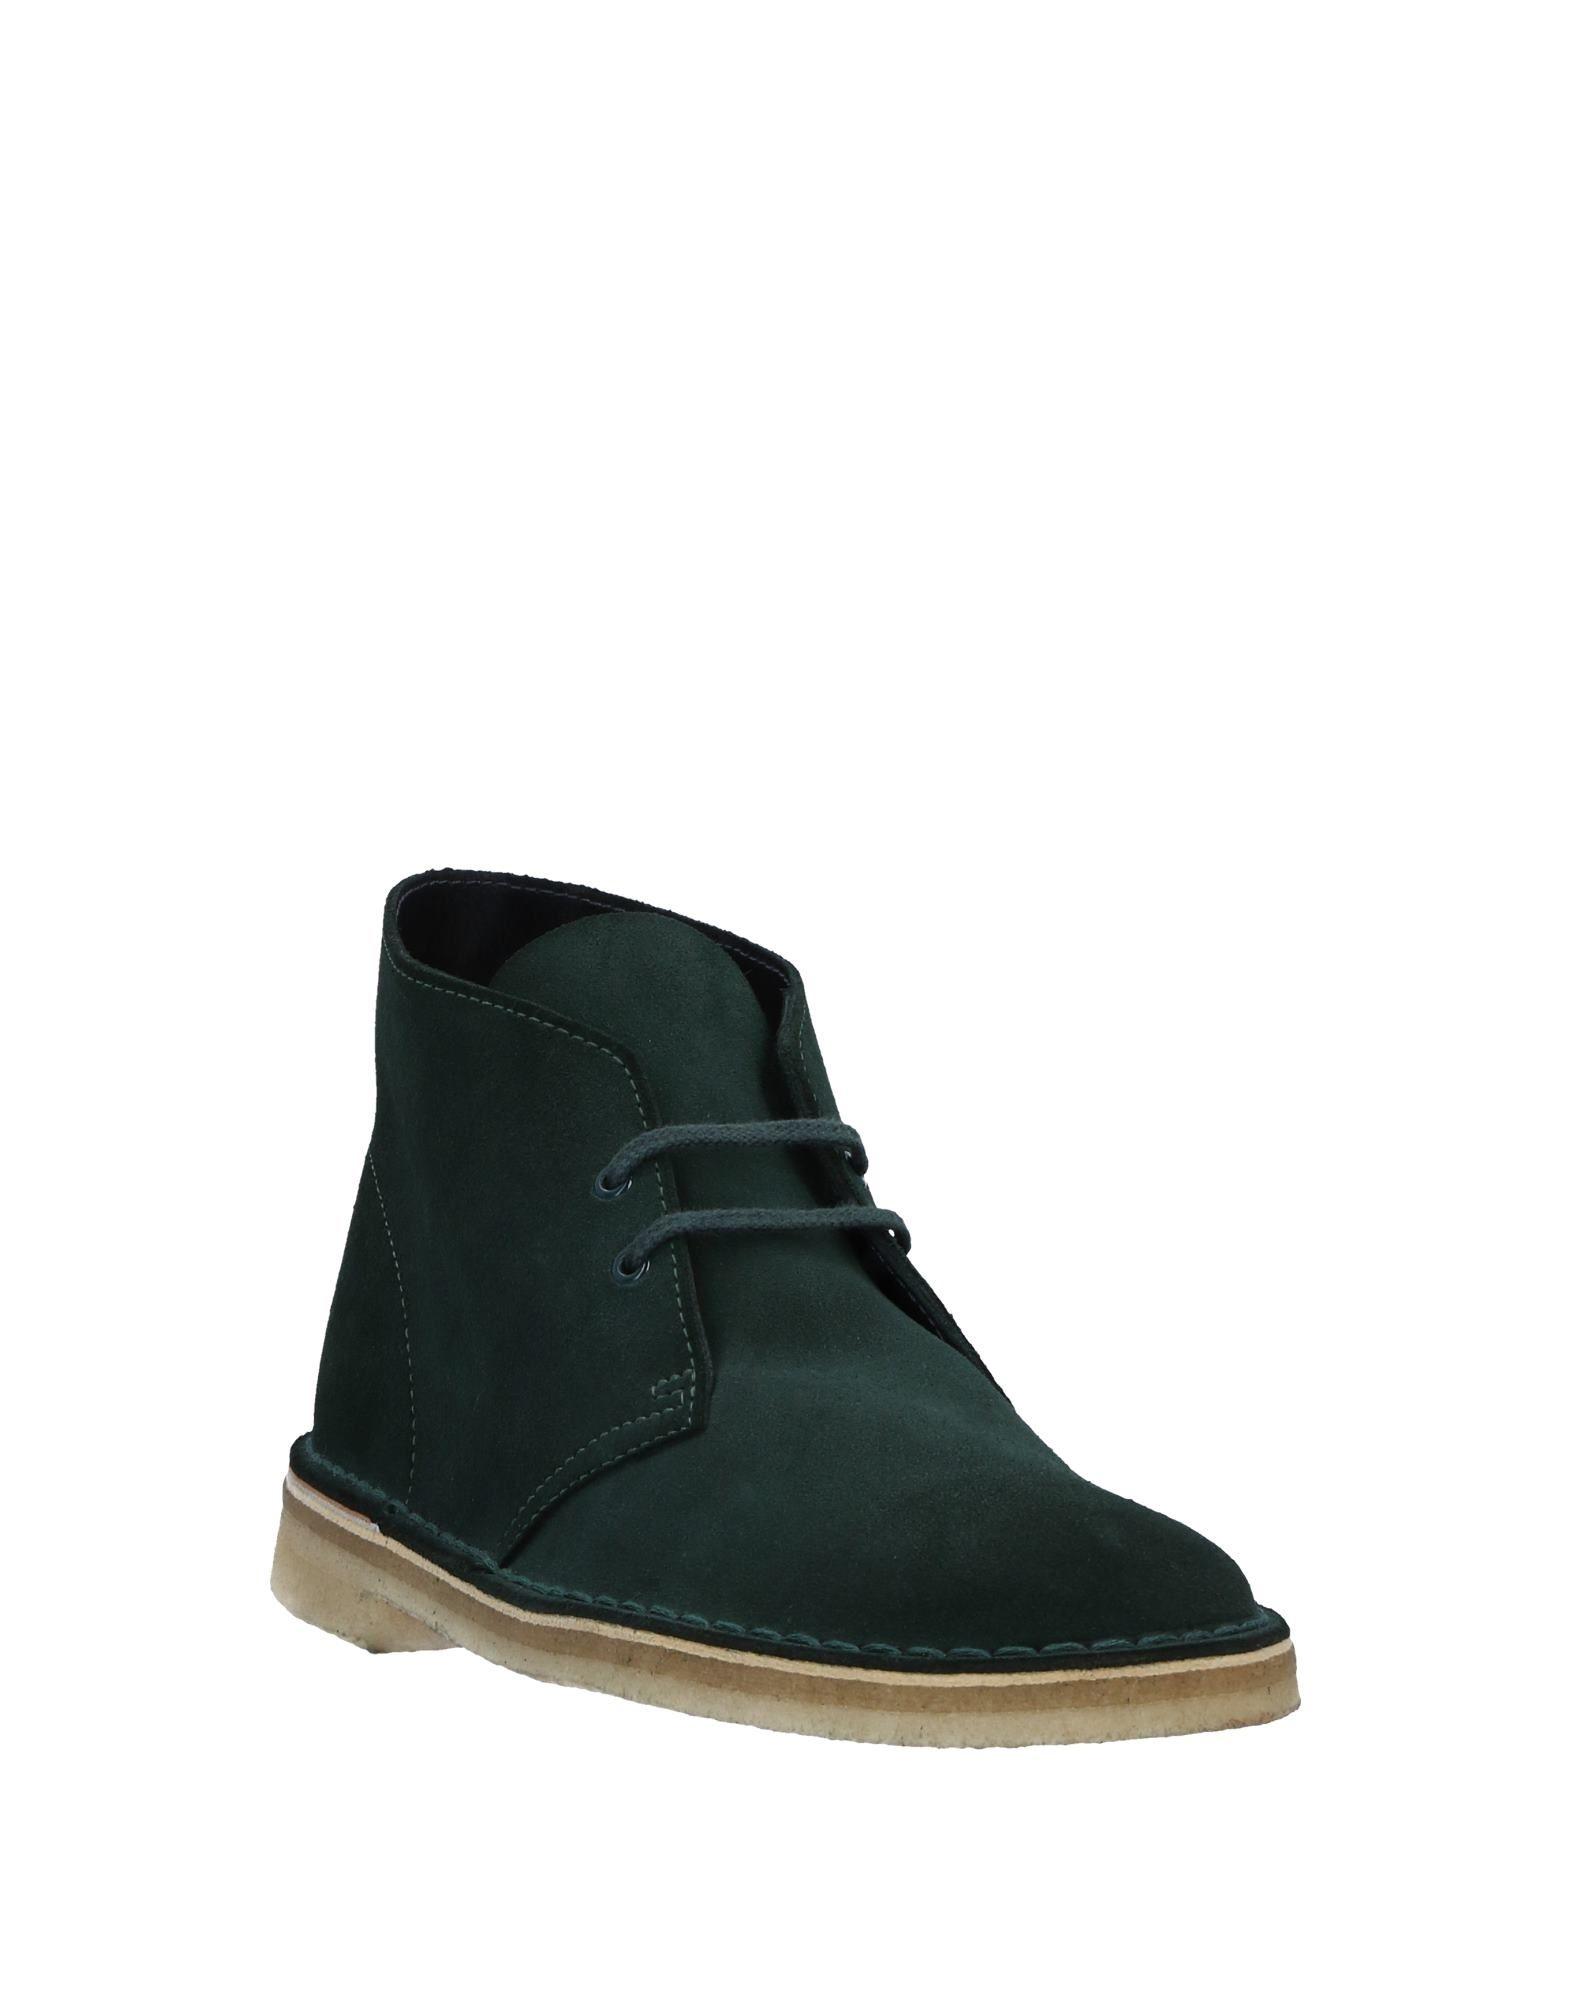 Rabatt echte Schuhe 11003042UD Clarks Originals Stiefelette Herren 11003042UD Schuhe 93cf28